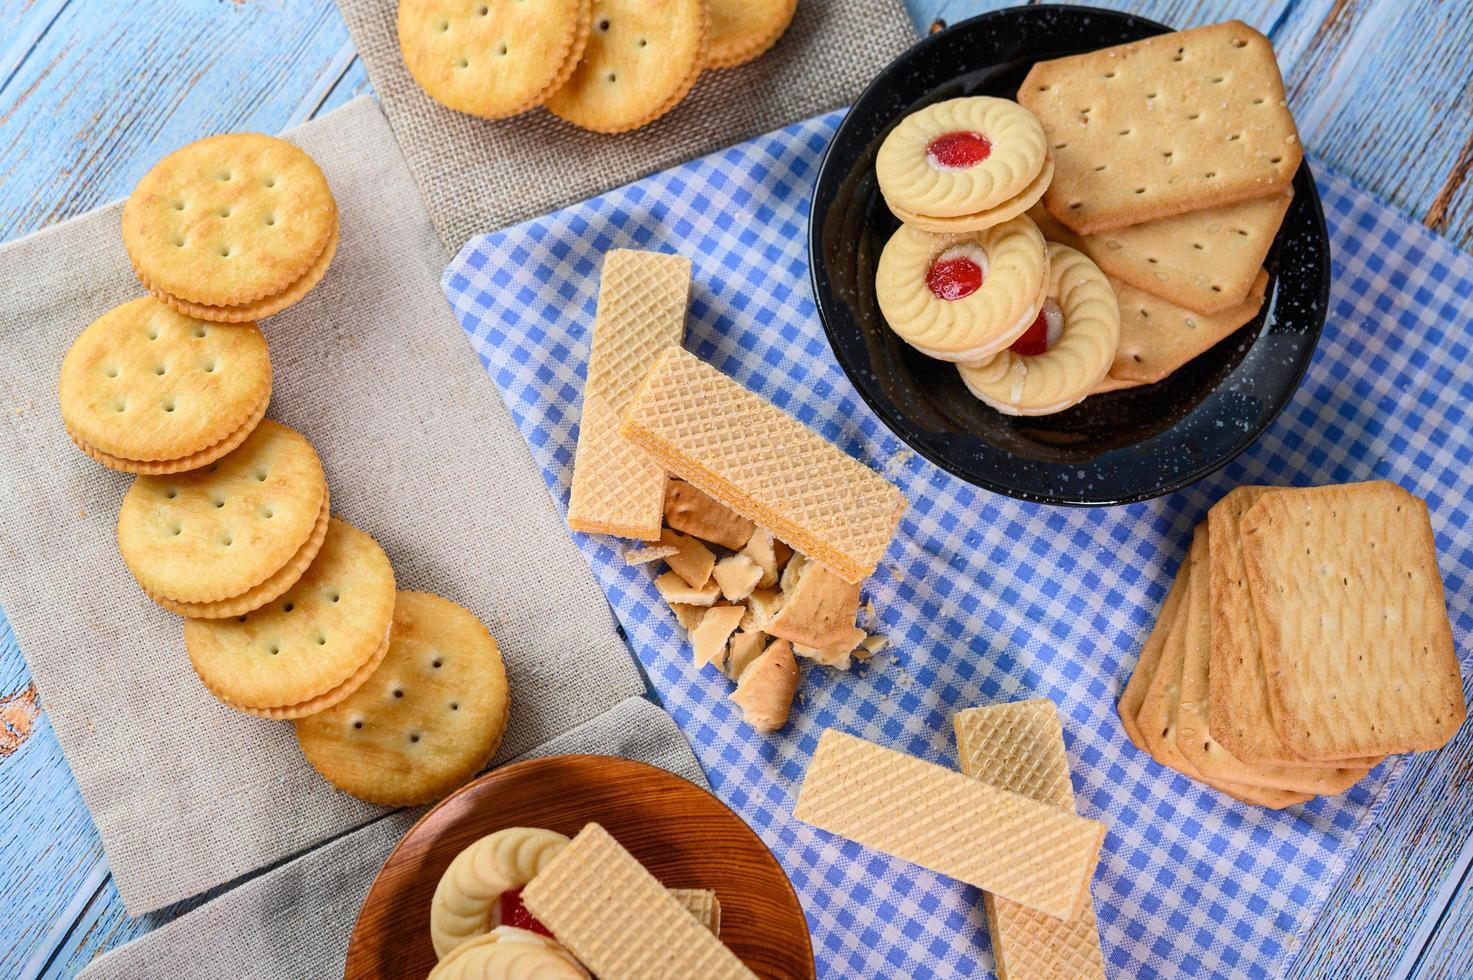 galletas y galletas saladas foto